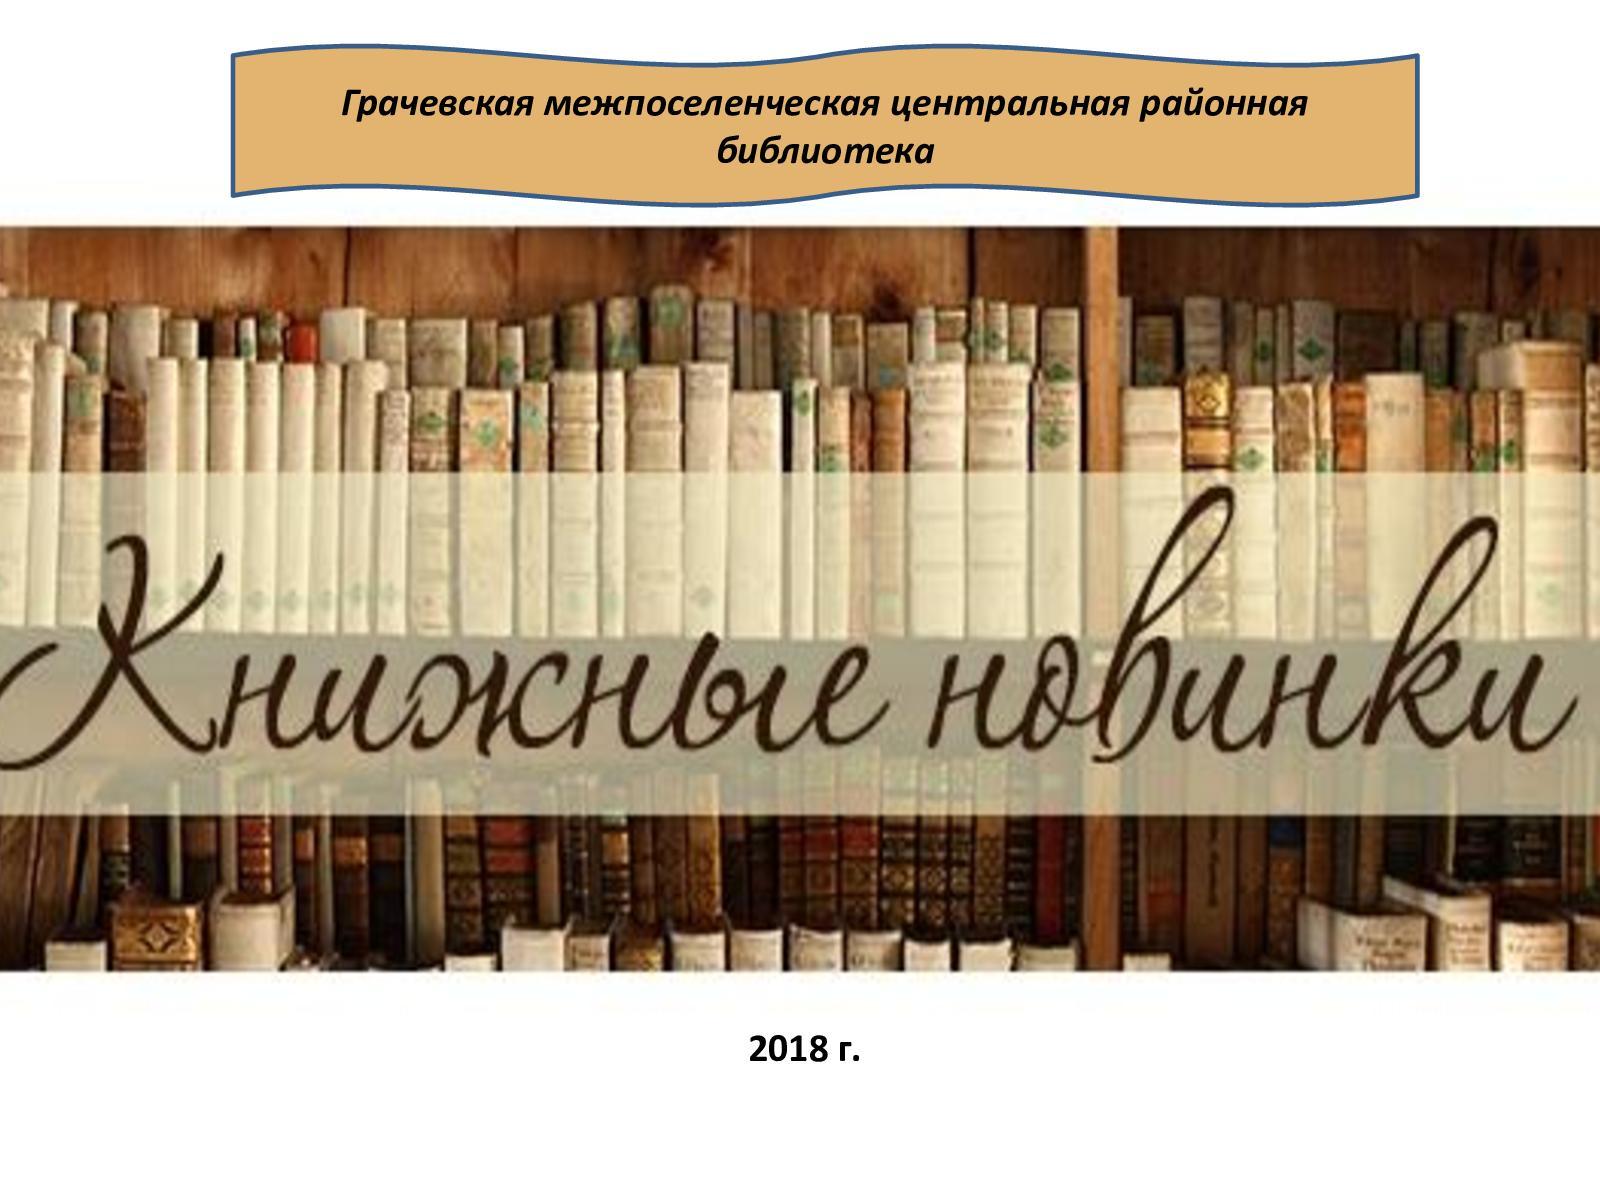 как познакомиться с новинками литературы в библиотеке